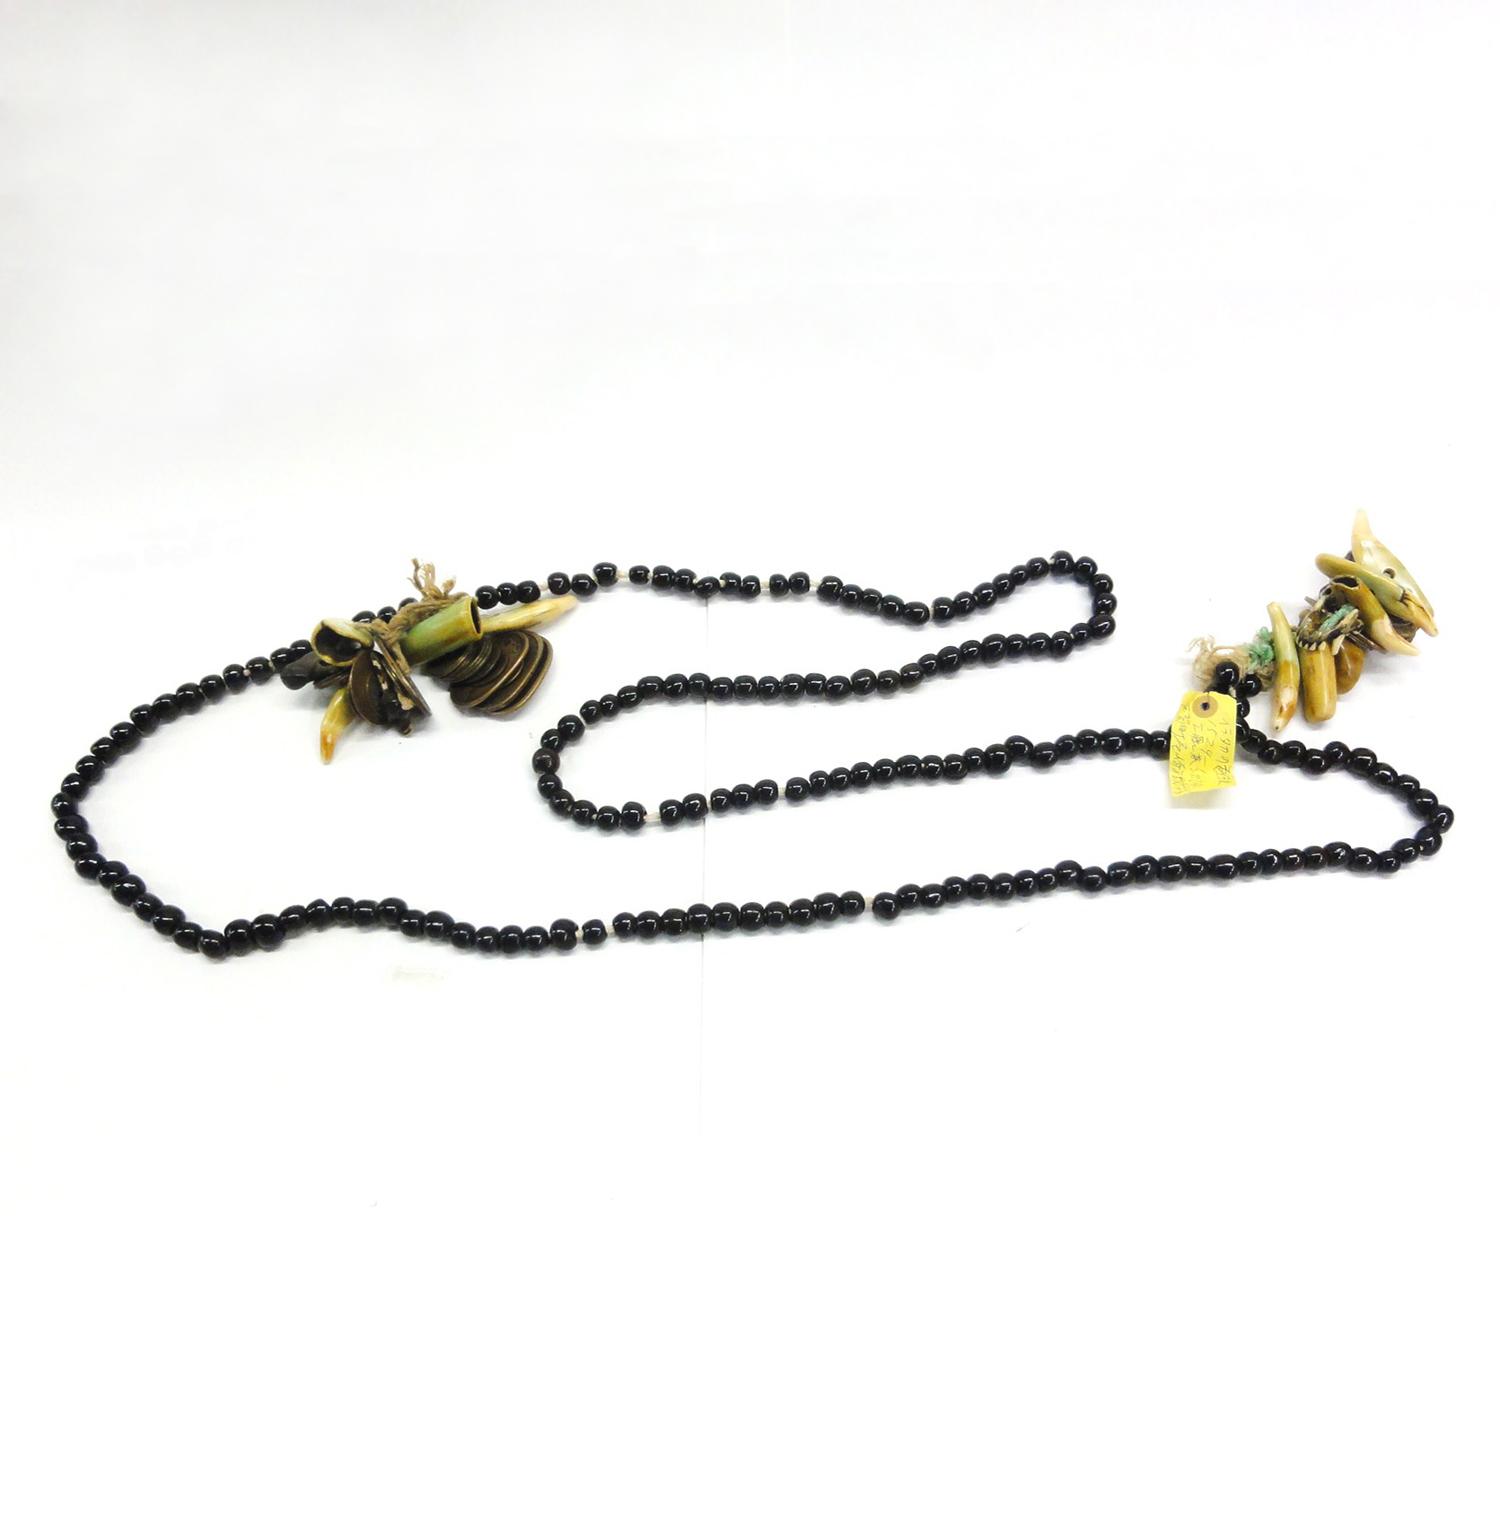 イラタカの数珠